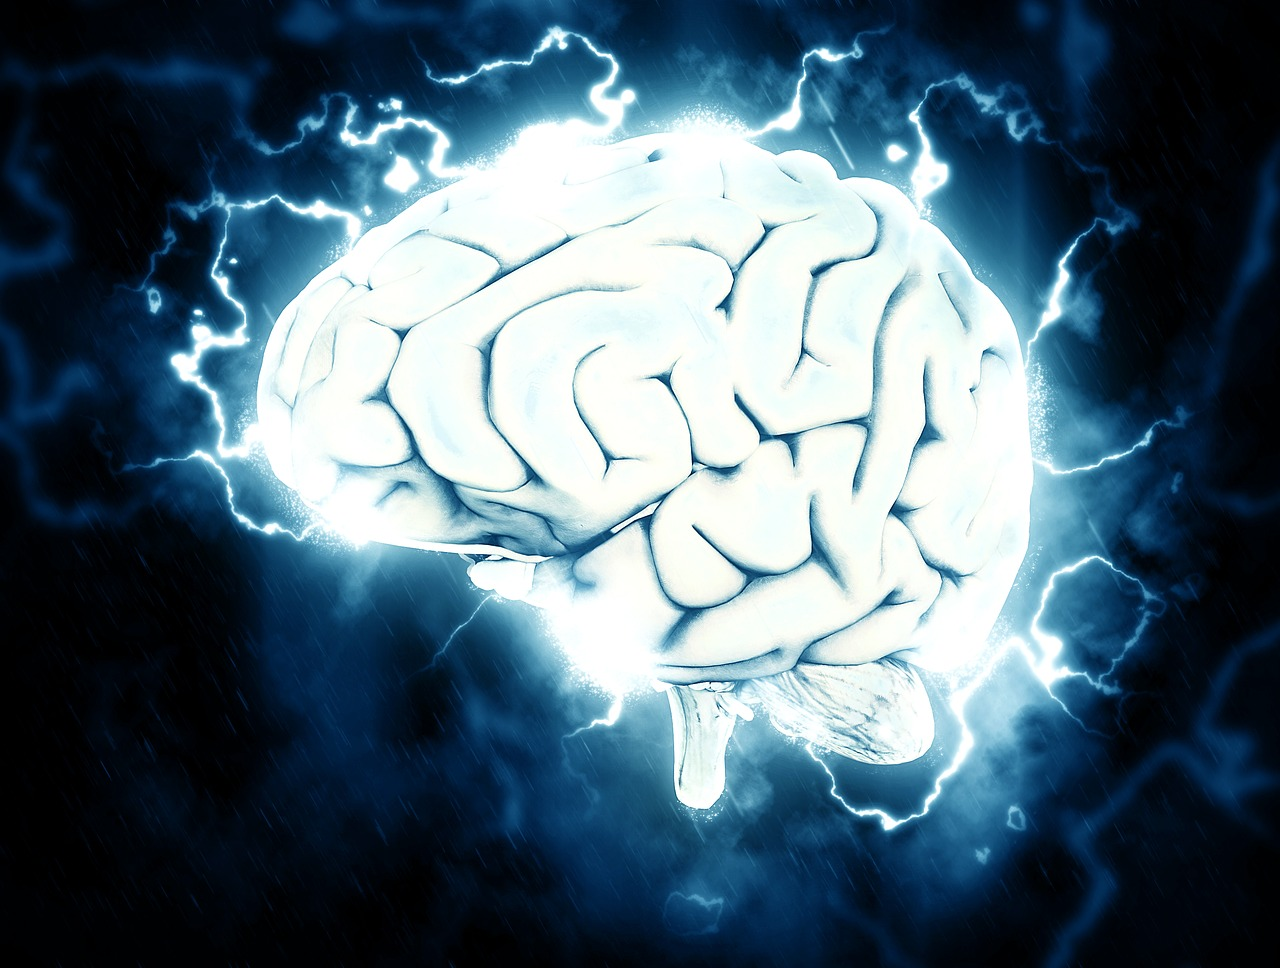 Negocjacje dla zaawansowanych: aspekty psychologiczne w negocjacjach – szkolenie